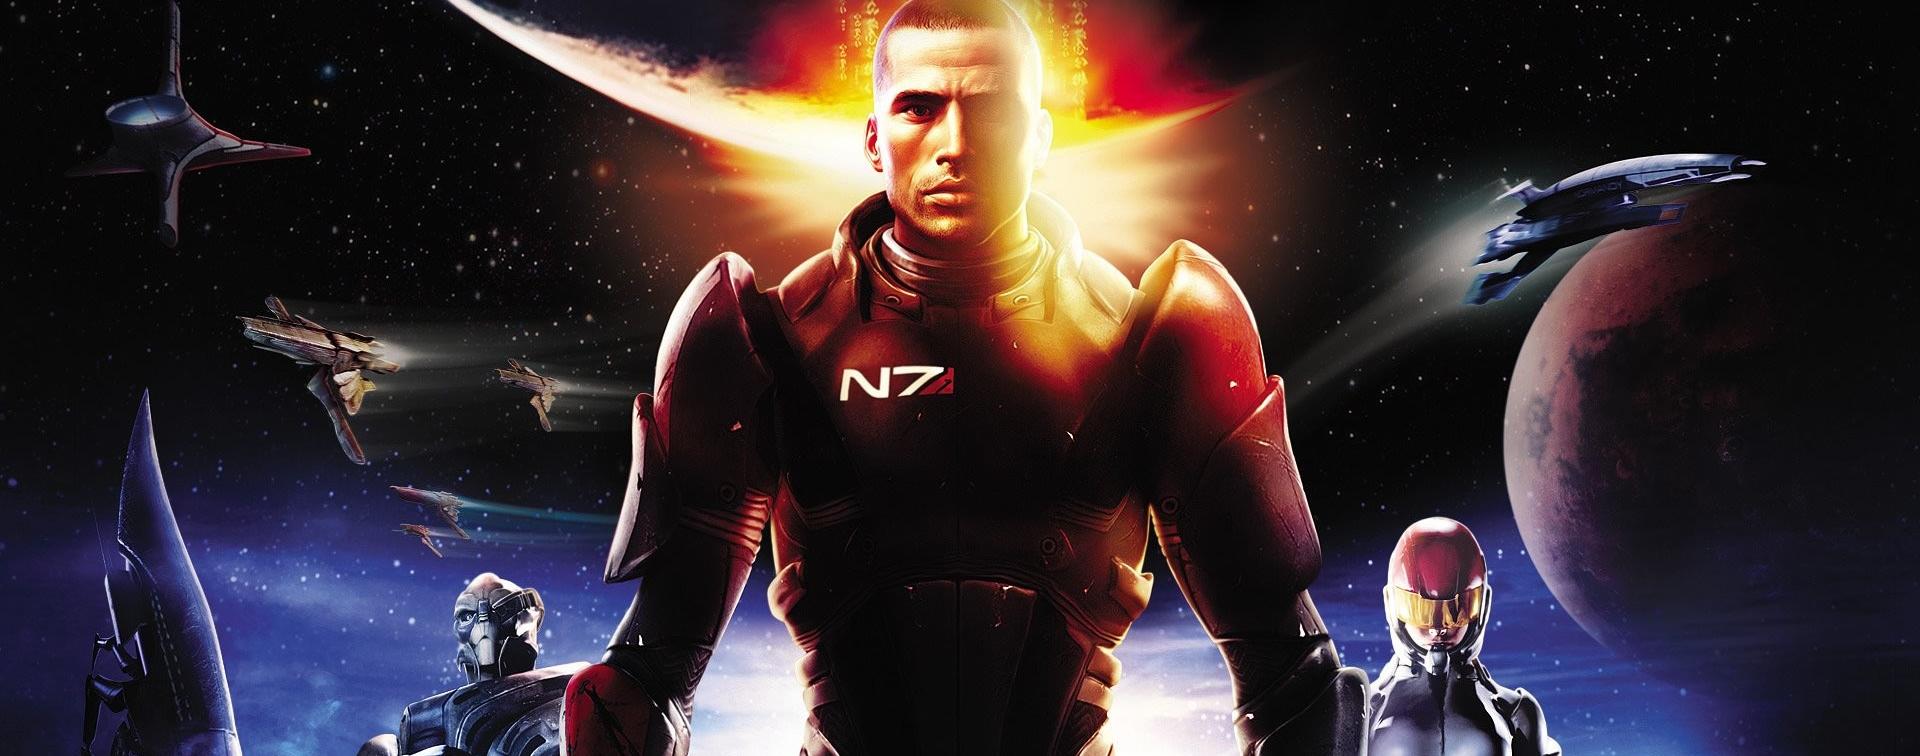 Перевод Исправляем графический баг Mass Effect, возникающий на современных процессорах AMD